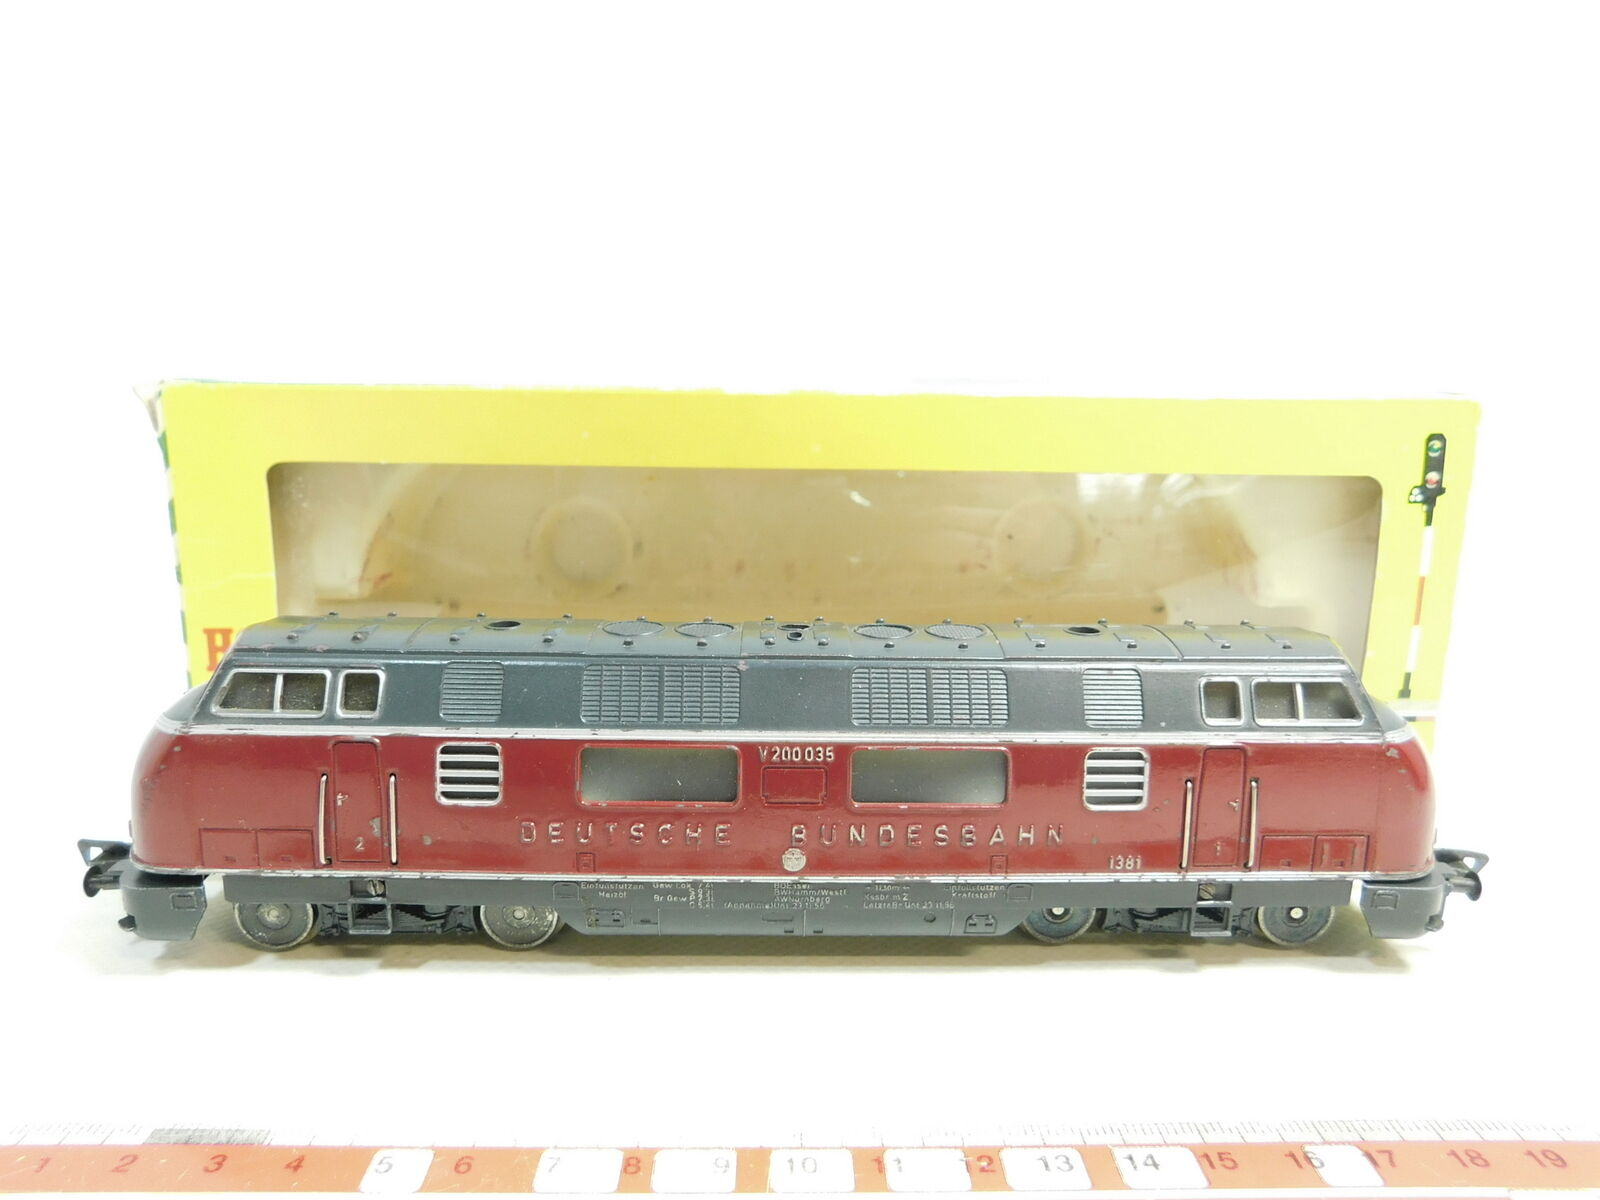 Aw400-1Fleischmann H0 DC diesel locomotive LOCOMOTIVE V200 035; 1381 Good +Box